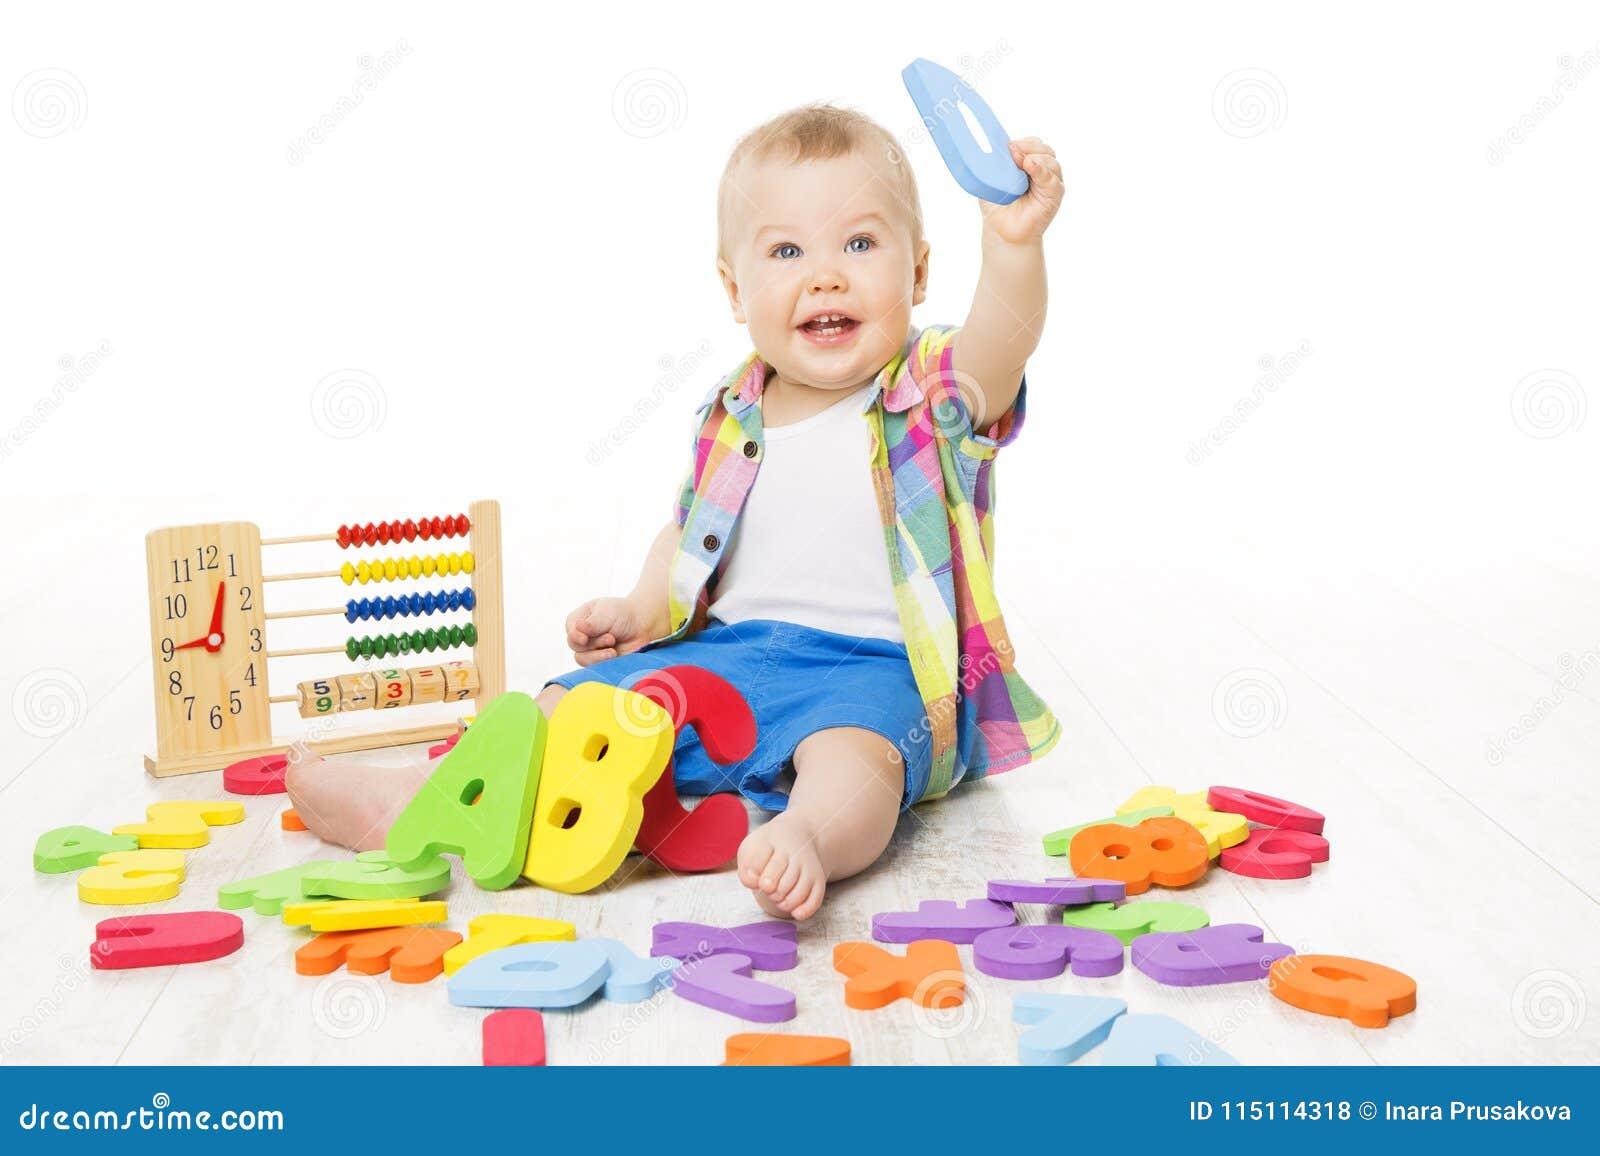 Juguetes del alfabeto y de la matemáticas del bebé, niño que juega las letras de ABC del ábaco